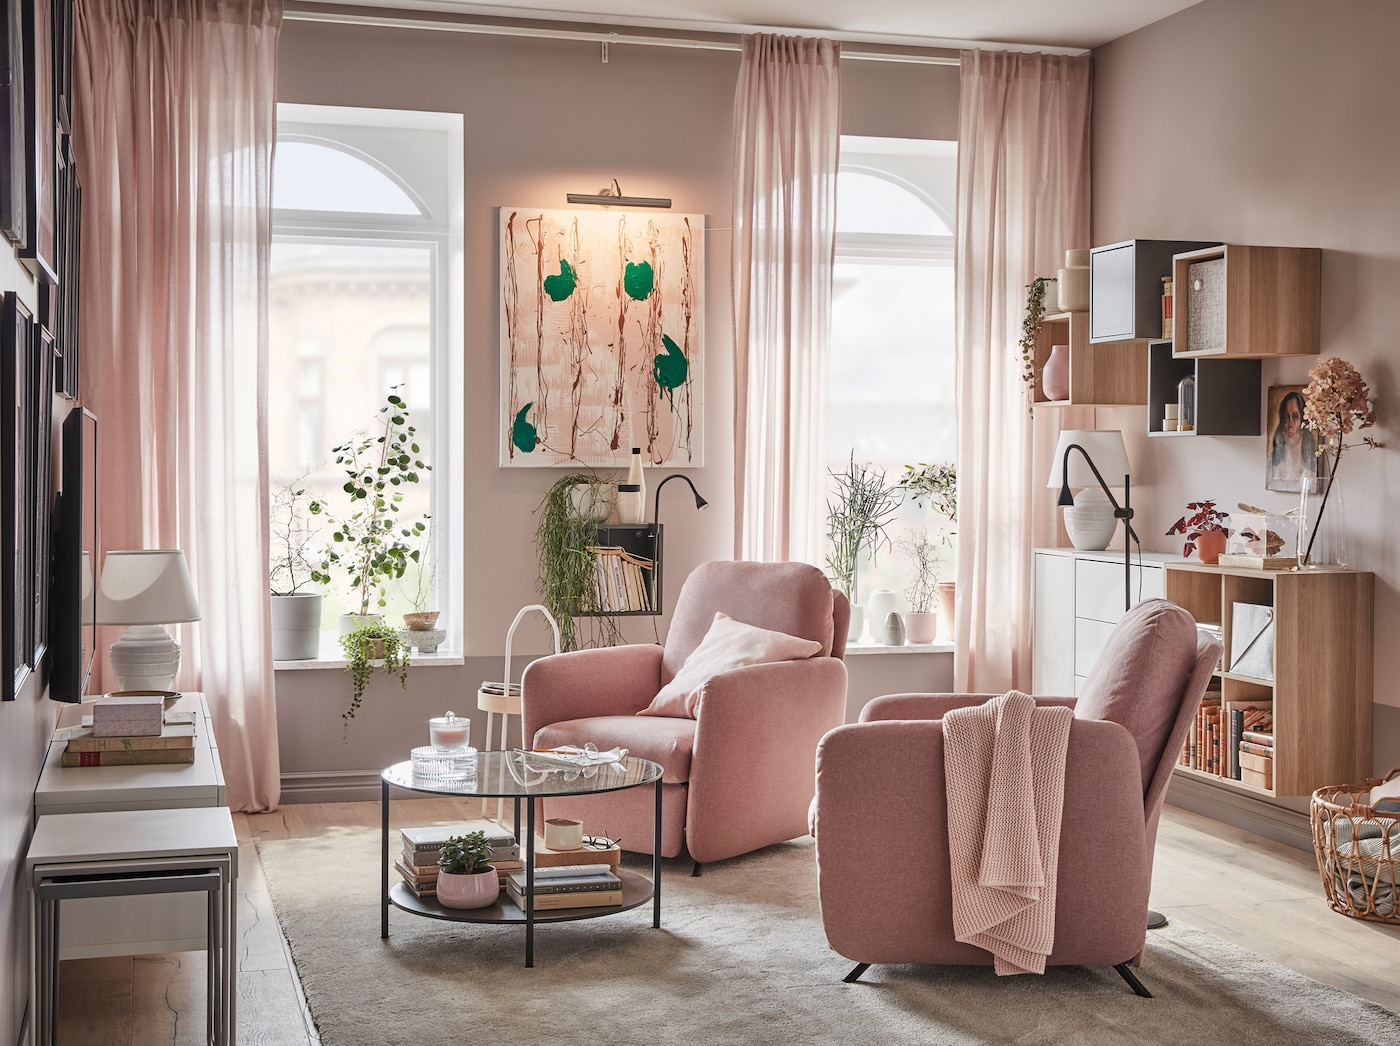 Ruang tamu yang mempunyai dua kerusi boleh rebah EKOLSUND dengan sarung GUNNARED berwarna coklat merah jambu lembut, di hadapan tingkap dengan cahaya menembusi ke dalam rumah.